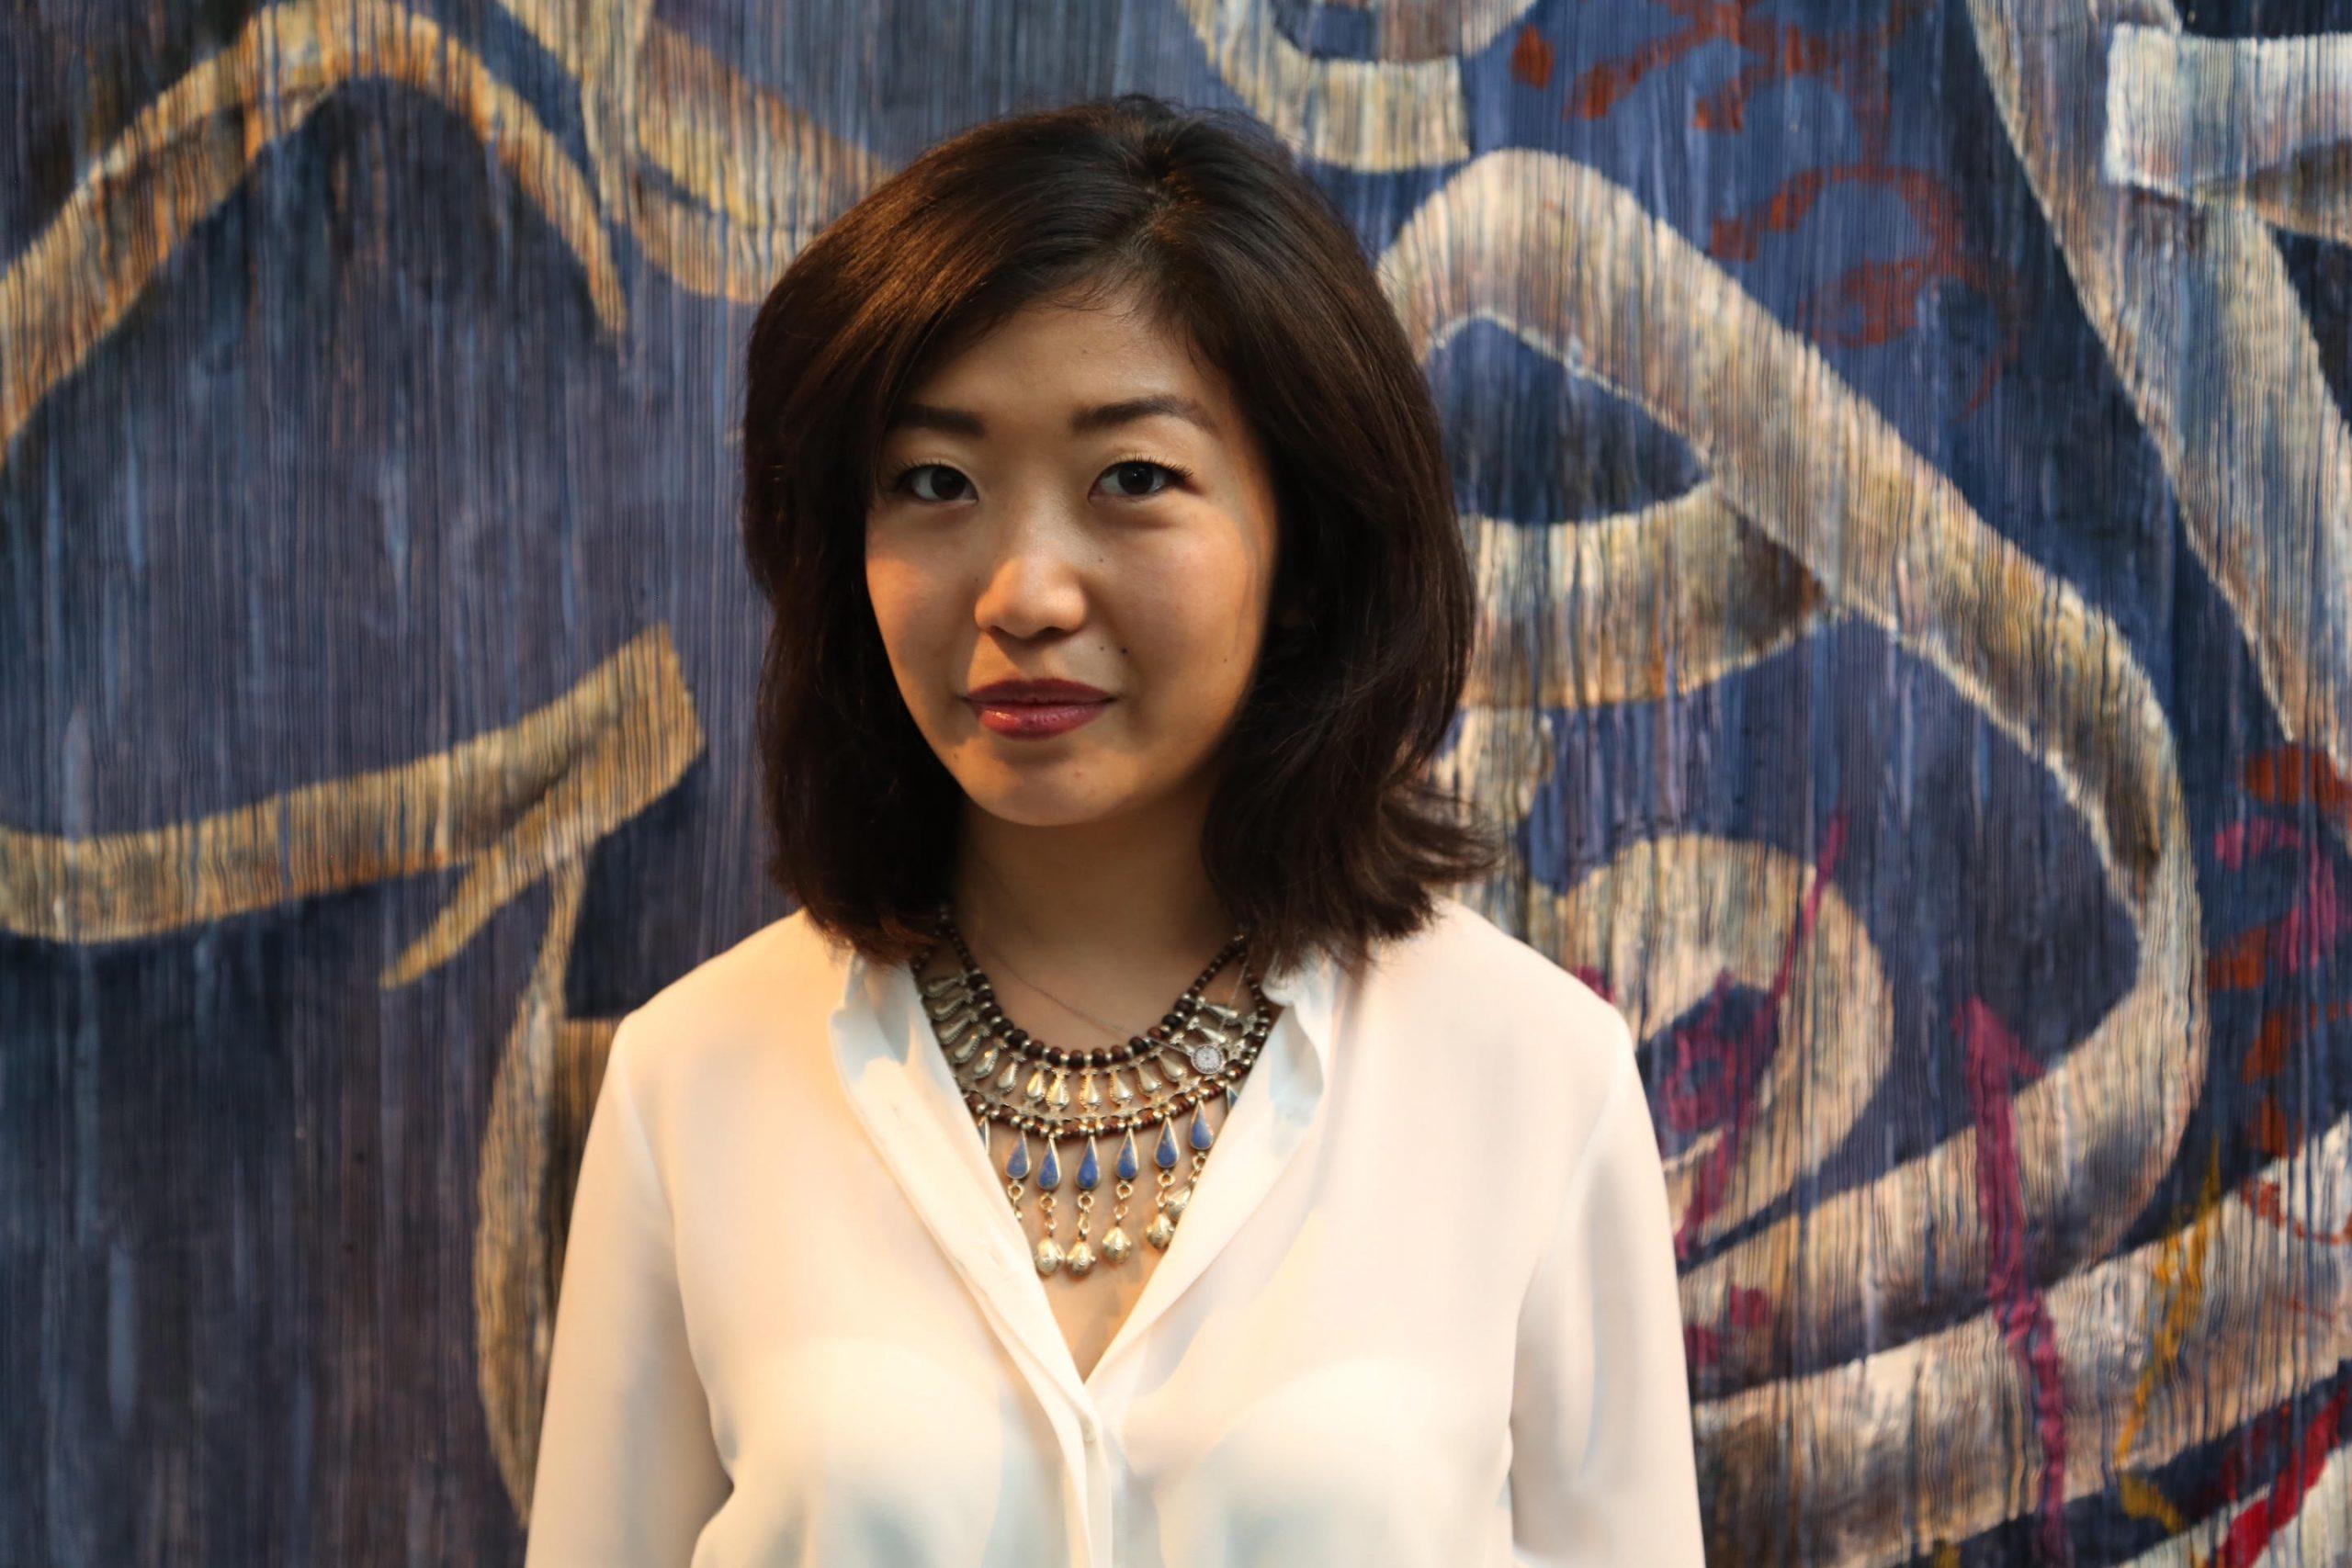 Baiqu Gonkar